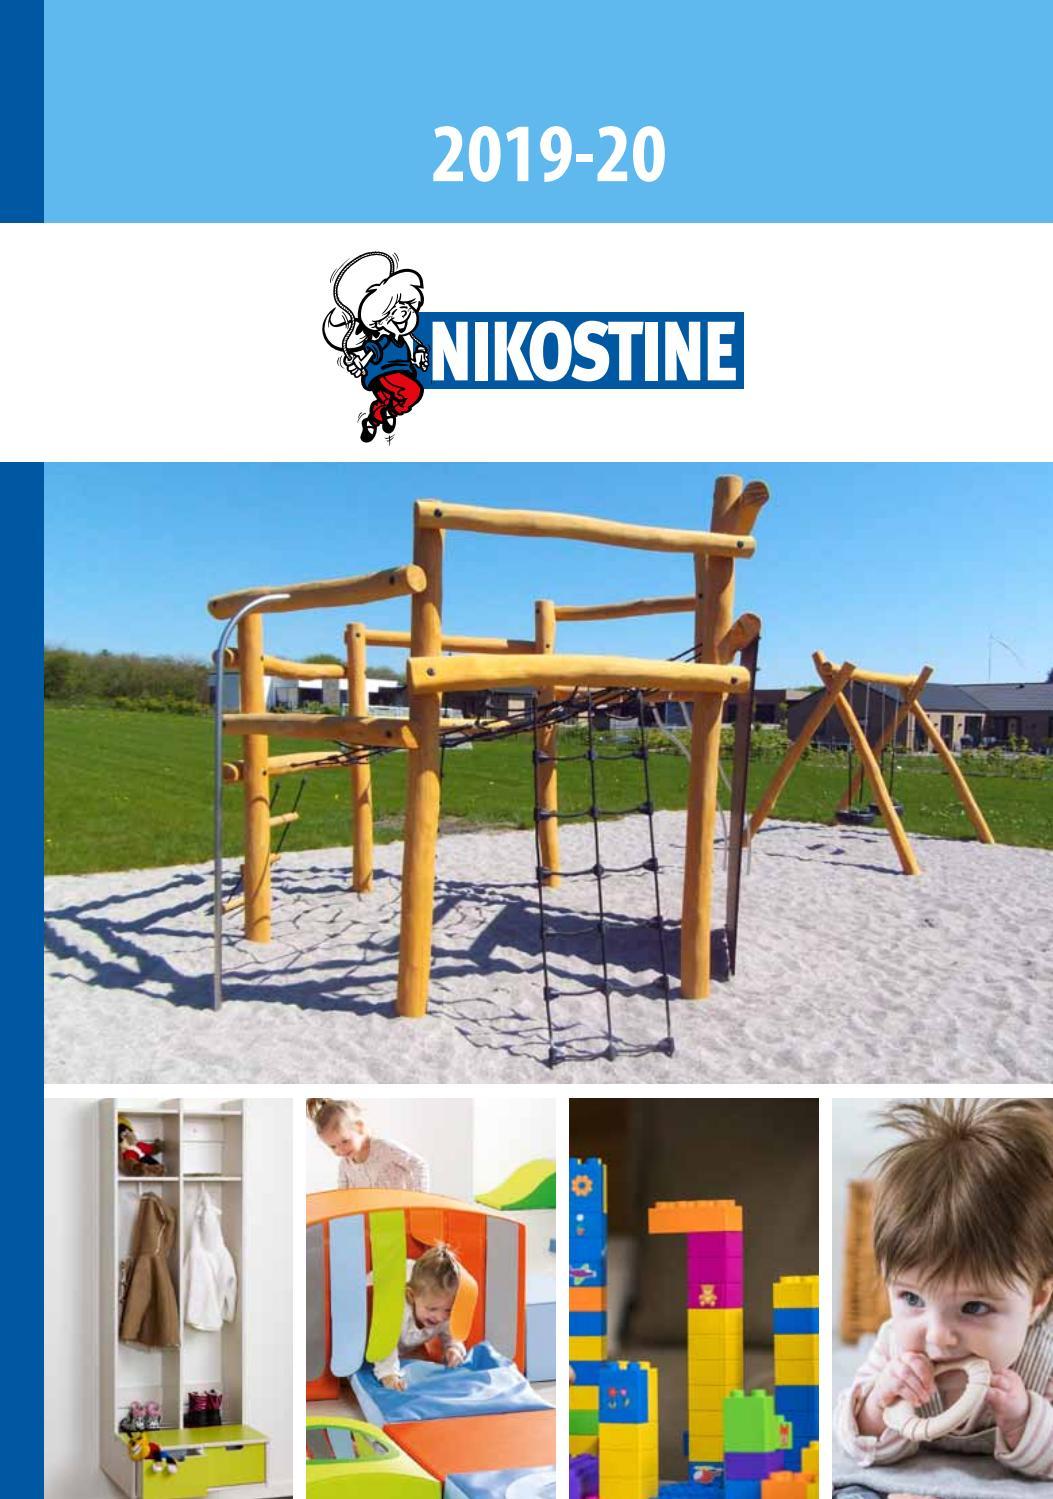 Nikostine hovedkatalog 2019 2020 by Nikostine ApS issuu